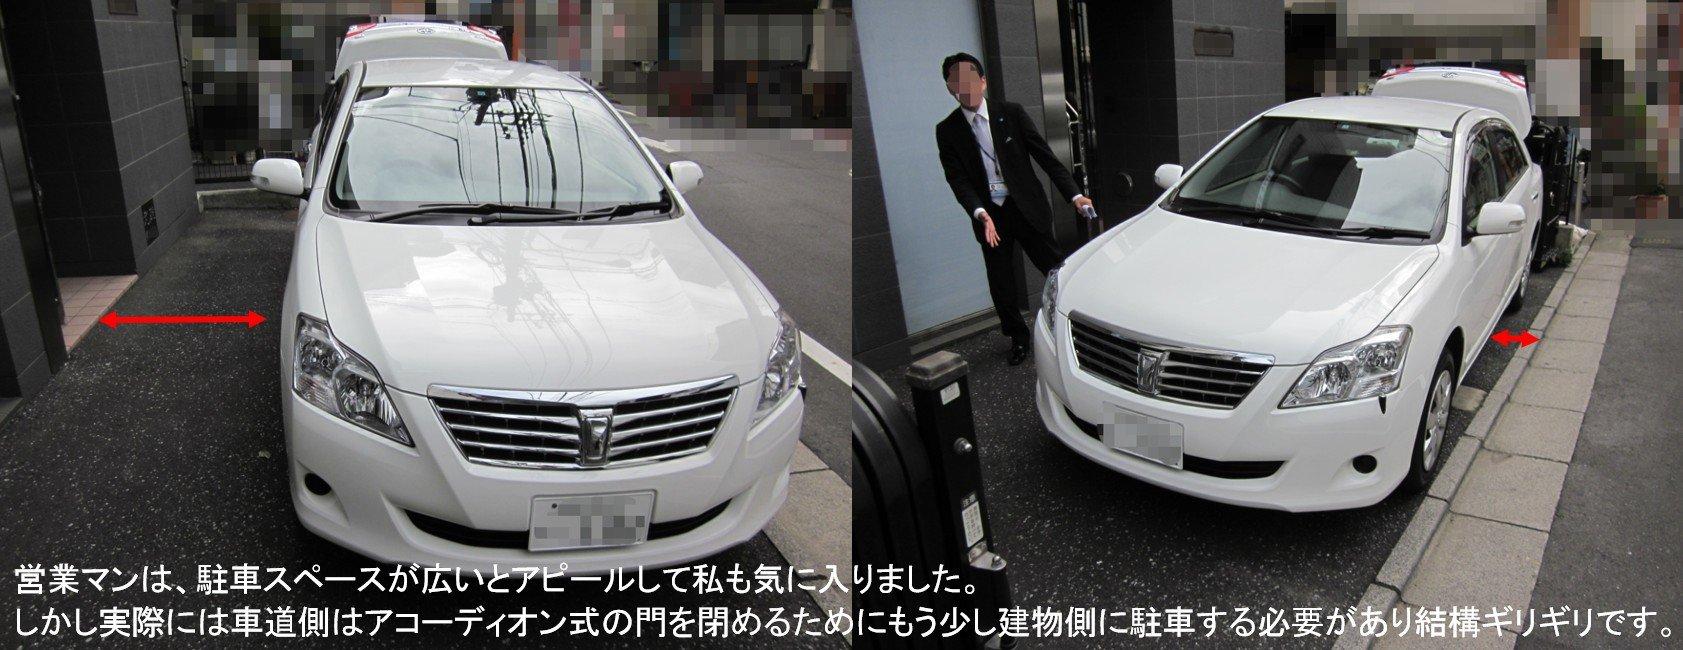 内覧時の様子。白いセダンは不動産会社の営業車です。